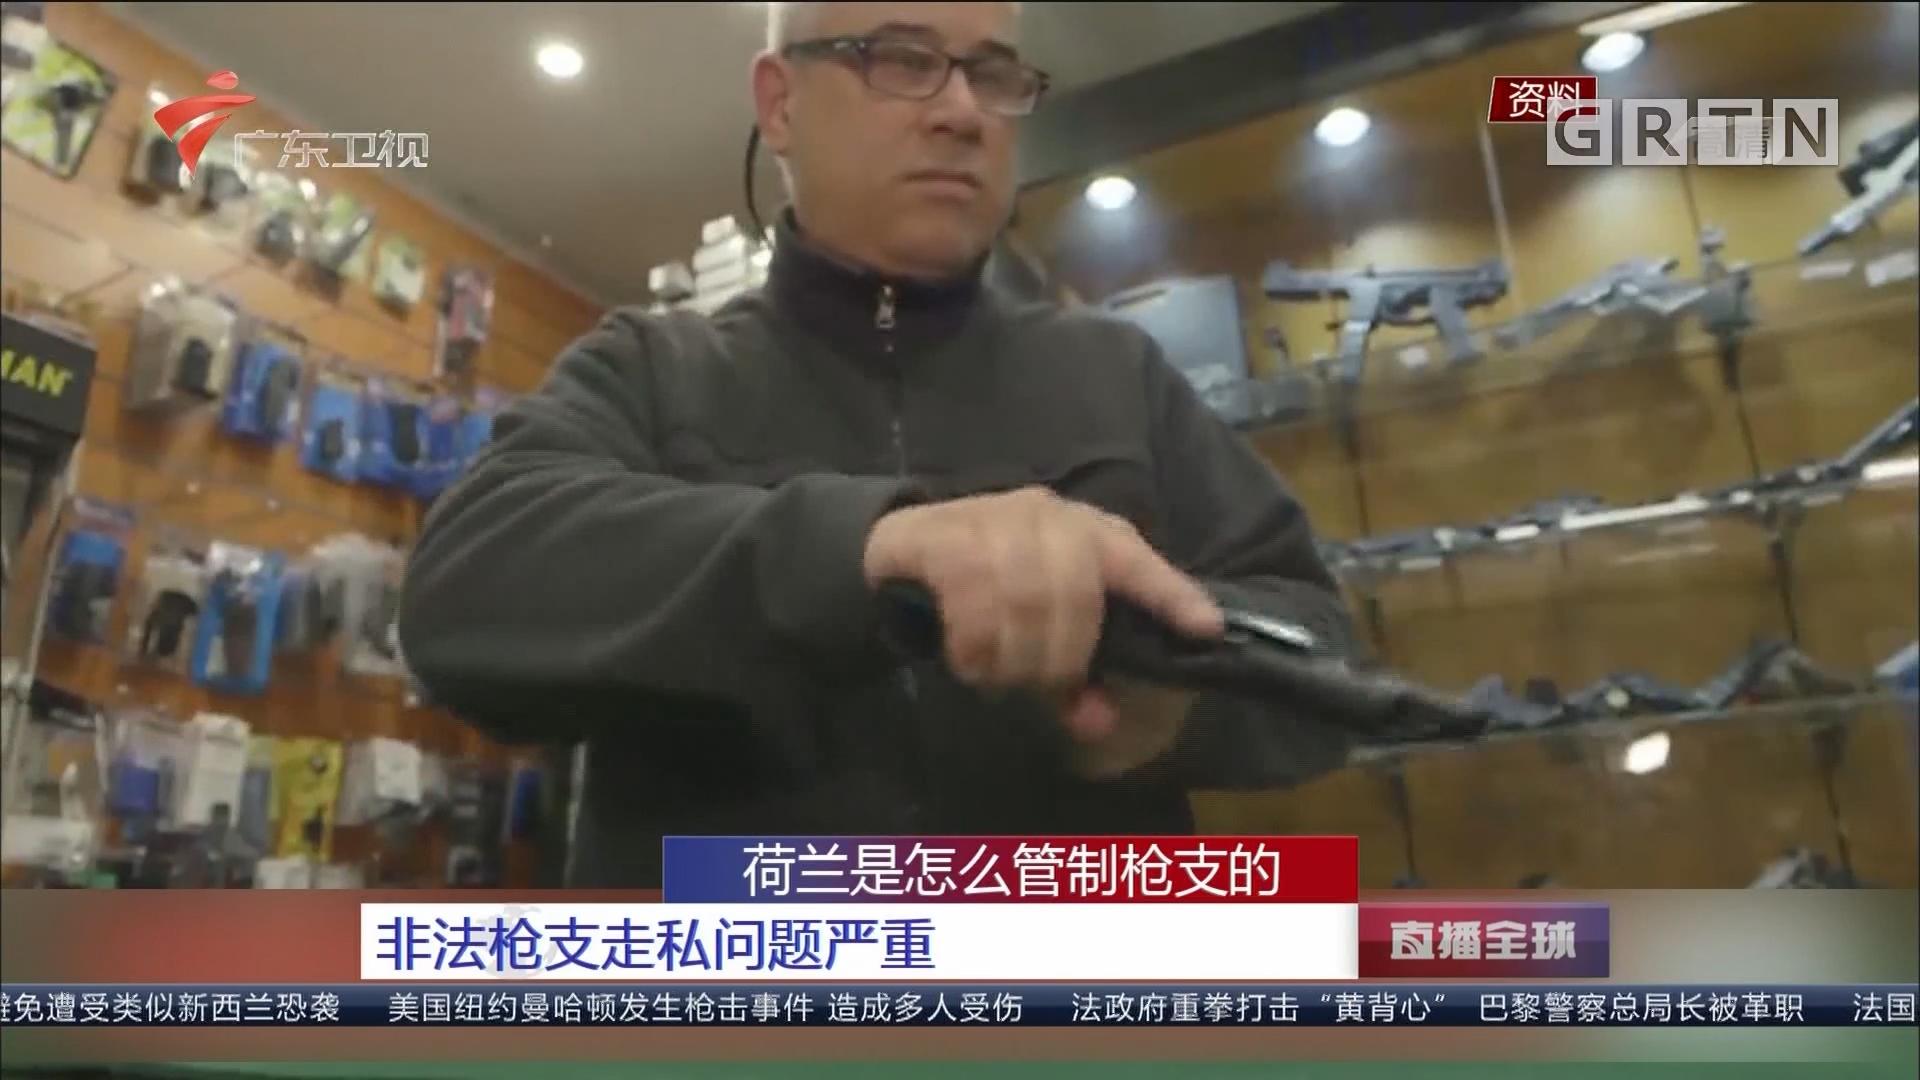 荷兰是怎么管制枪支的:枪支管理严格